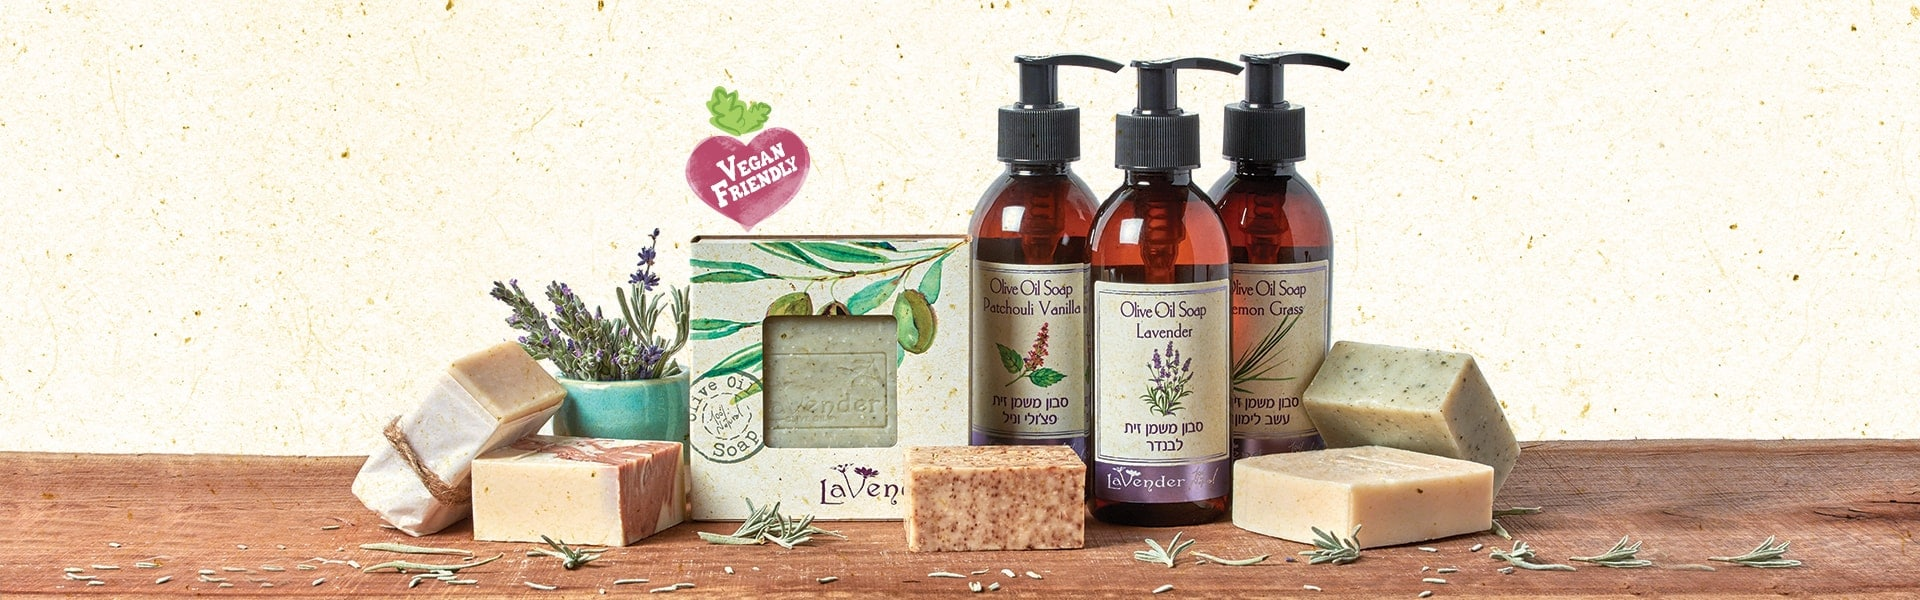 סבון טבעי - לבנדר קוסמטיקה טבעית ורוקחות טבעית